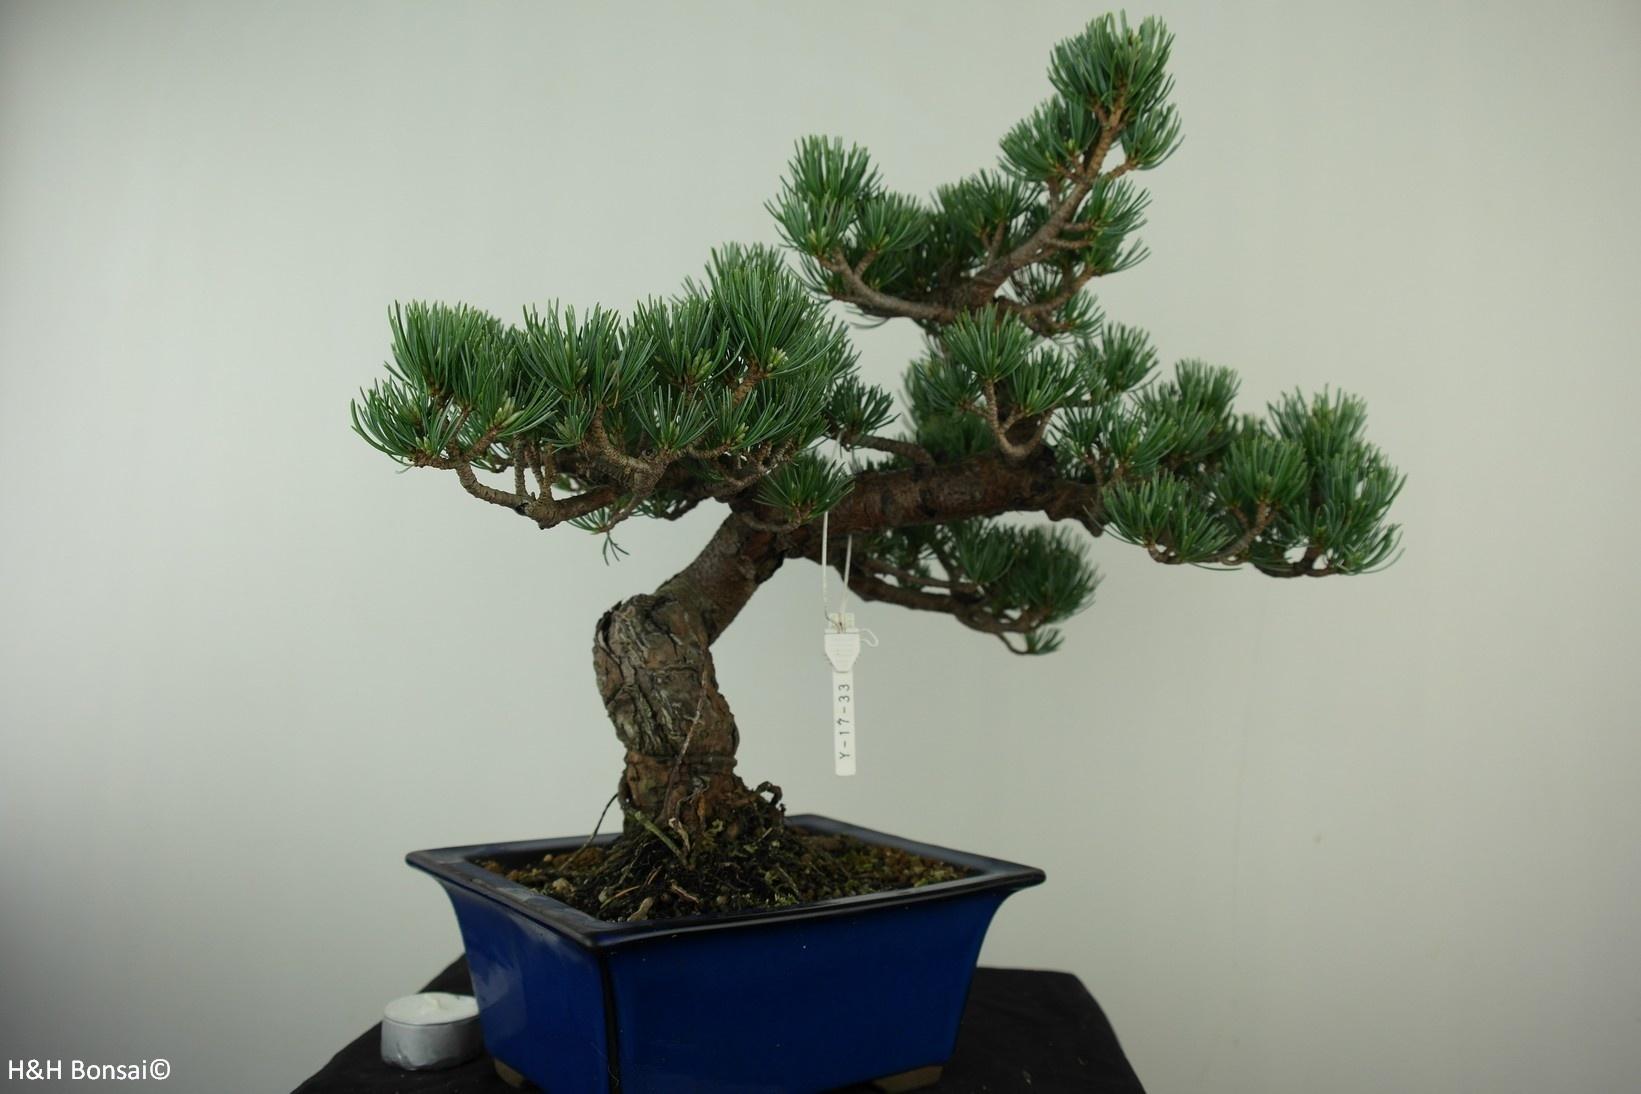 Bonsai Mädchenkiefer, Pinus pentaphylla, nr. 7802A